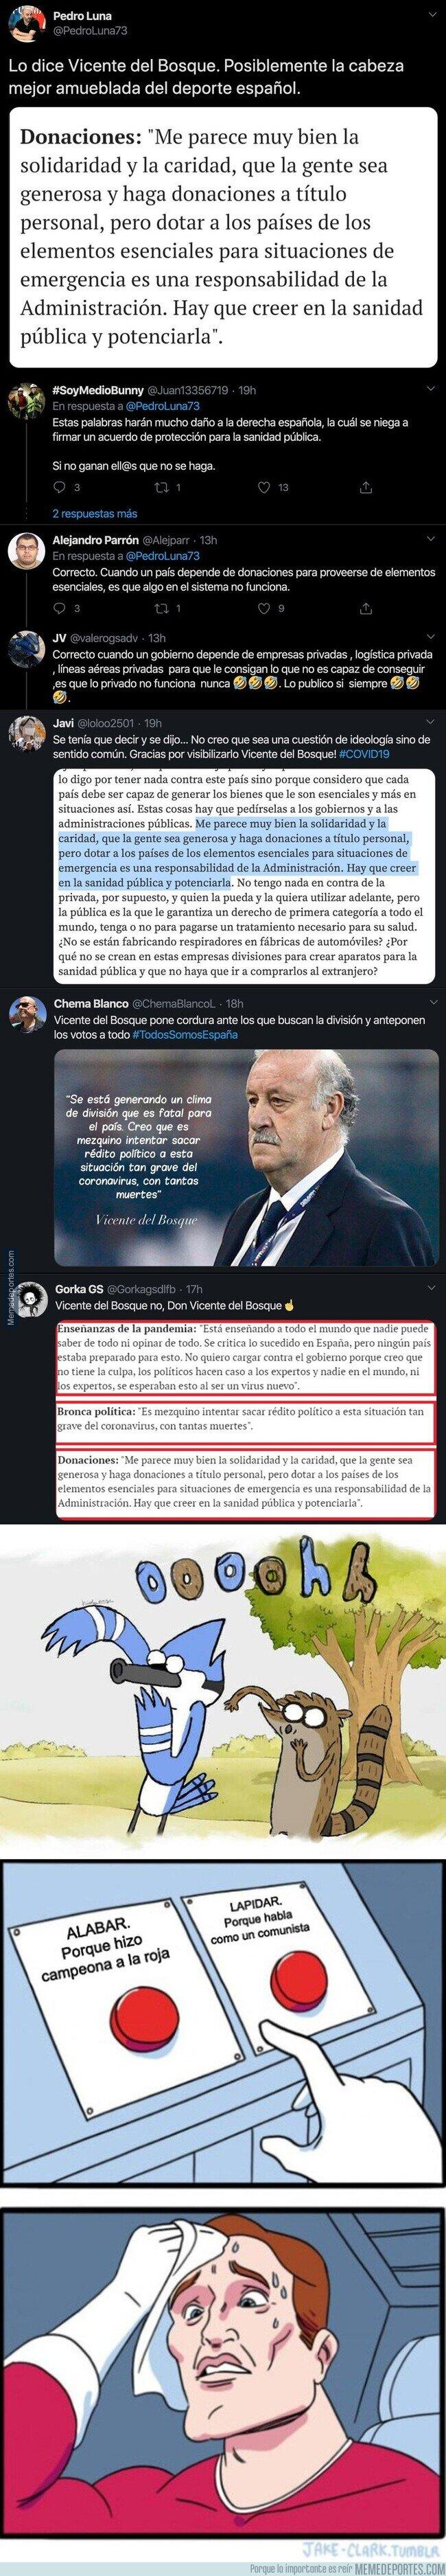 1102232 - Vicente del Bosque hace rabiar a todos los votantes de derechas al opinar sobre las donaciones como las de Amancio Ortega